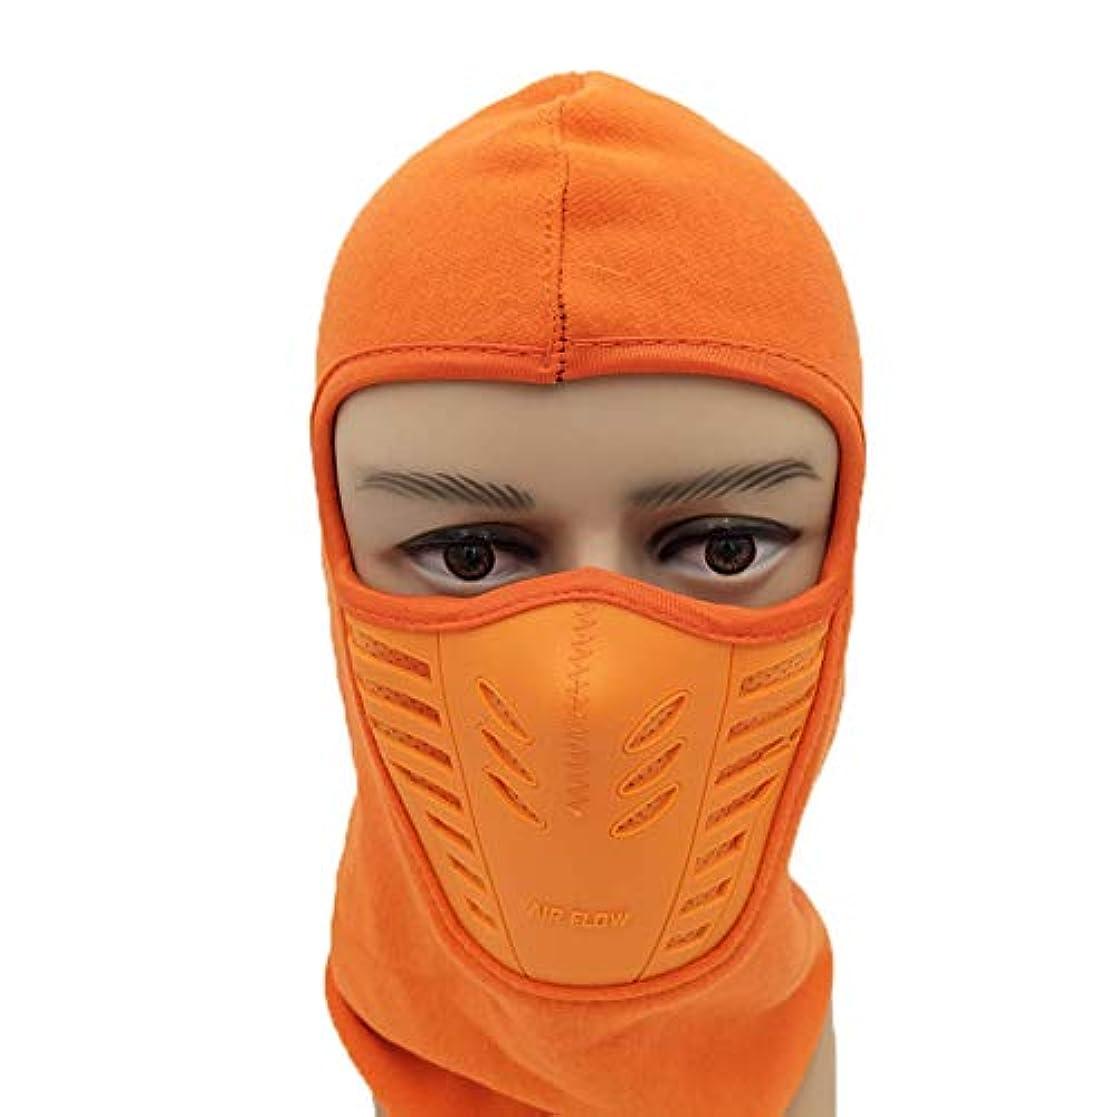 コアサーバ動詞CoolTack ウィンターフリースネックウォーマー、フェイスマスクカバー、厚手ロングネックガーターチューブ、ビーニーネックウォーマーフード、ウィンターアウトドアスポーツマスク防風フード帽子